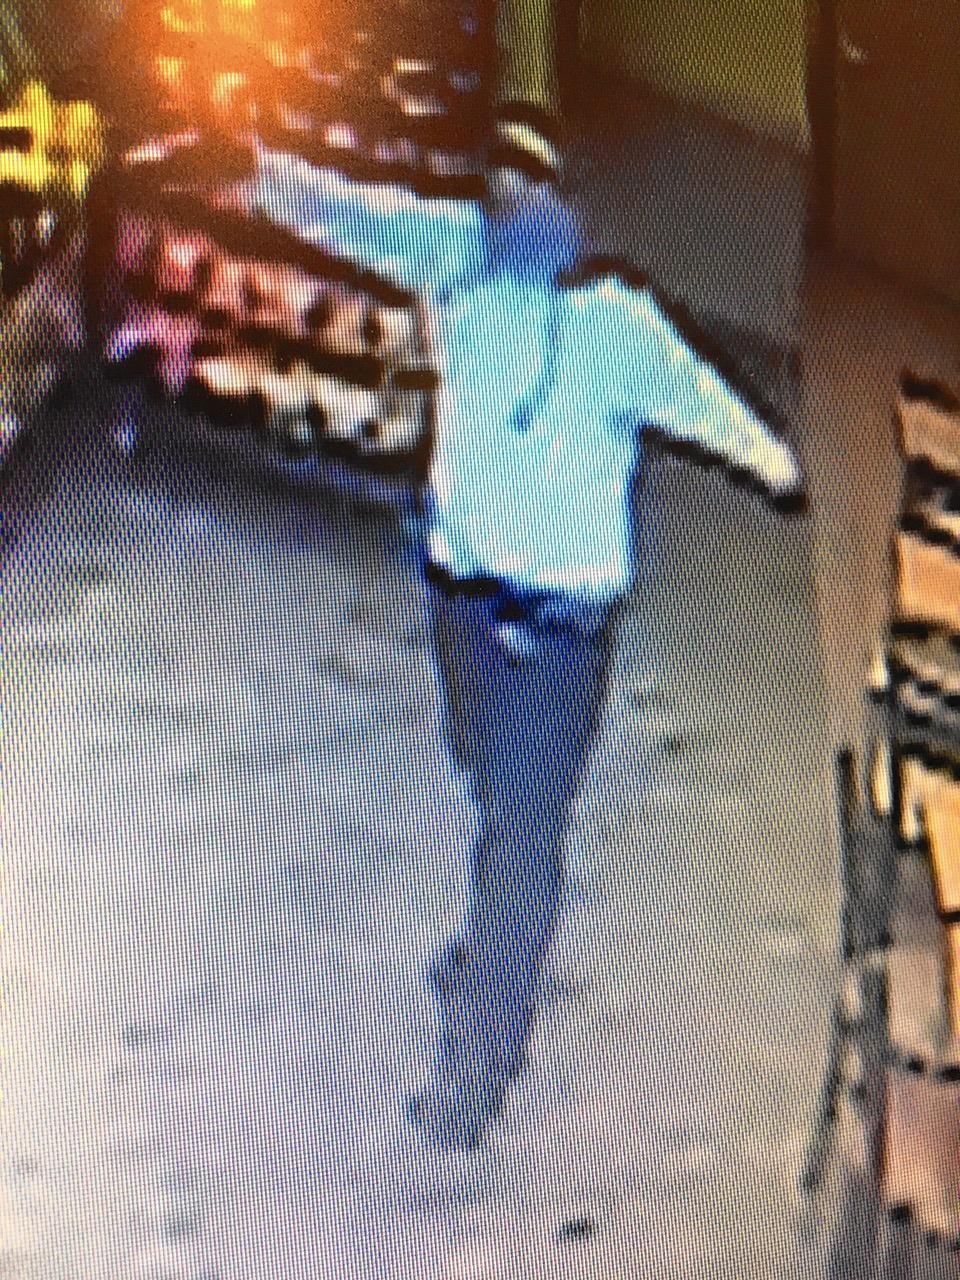 Woman robbed at gunpoint at Buffalo Grove fast food restaurant, police say